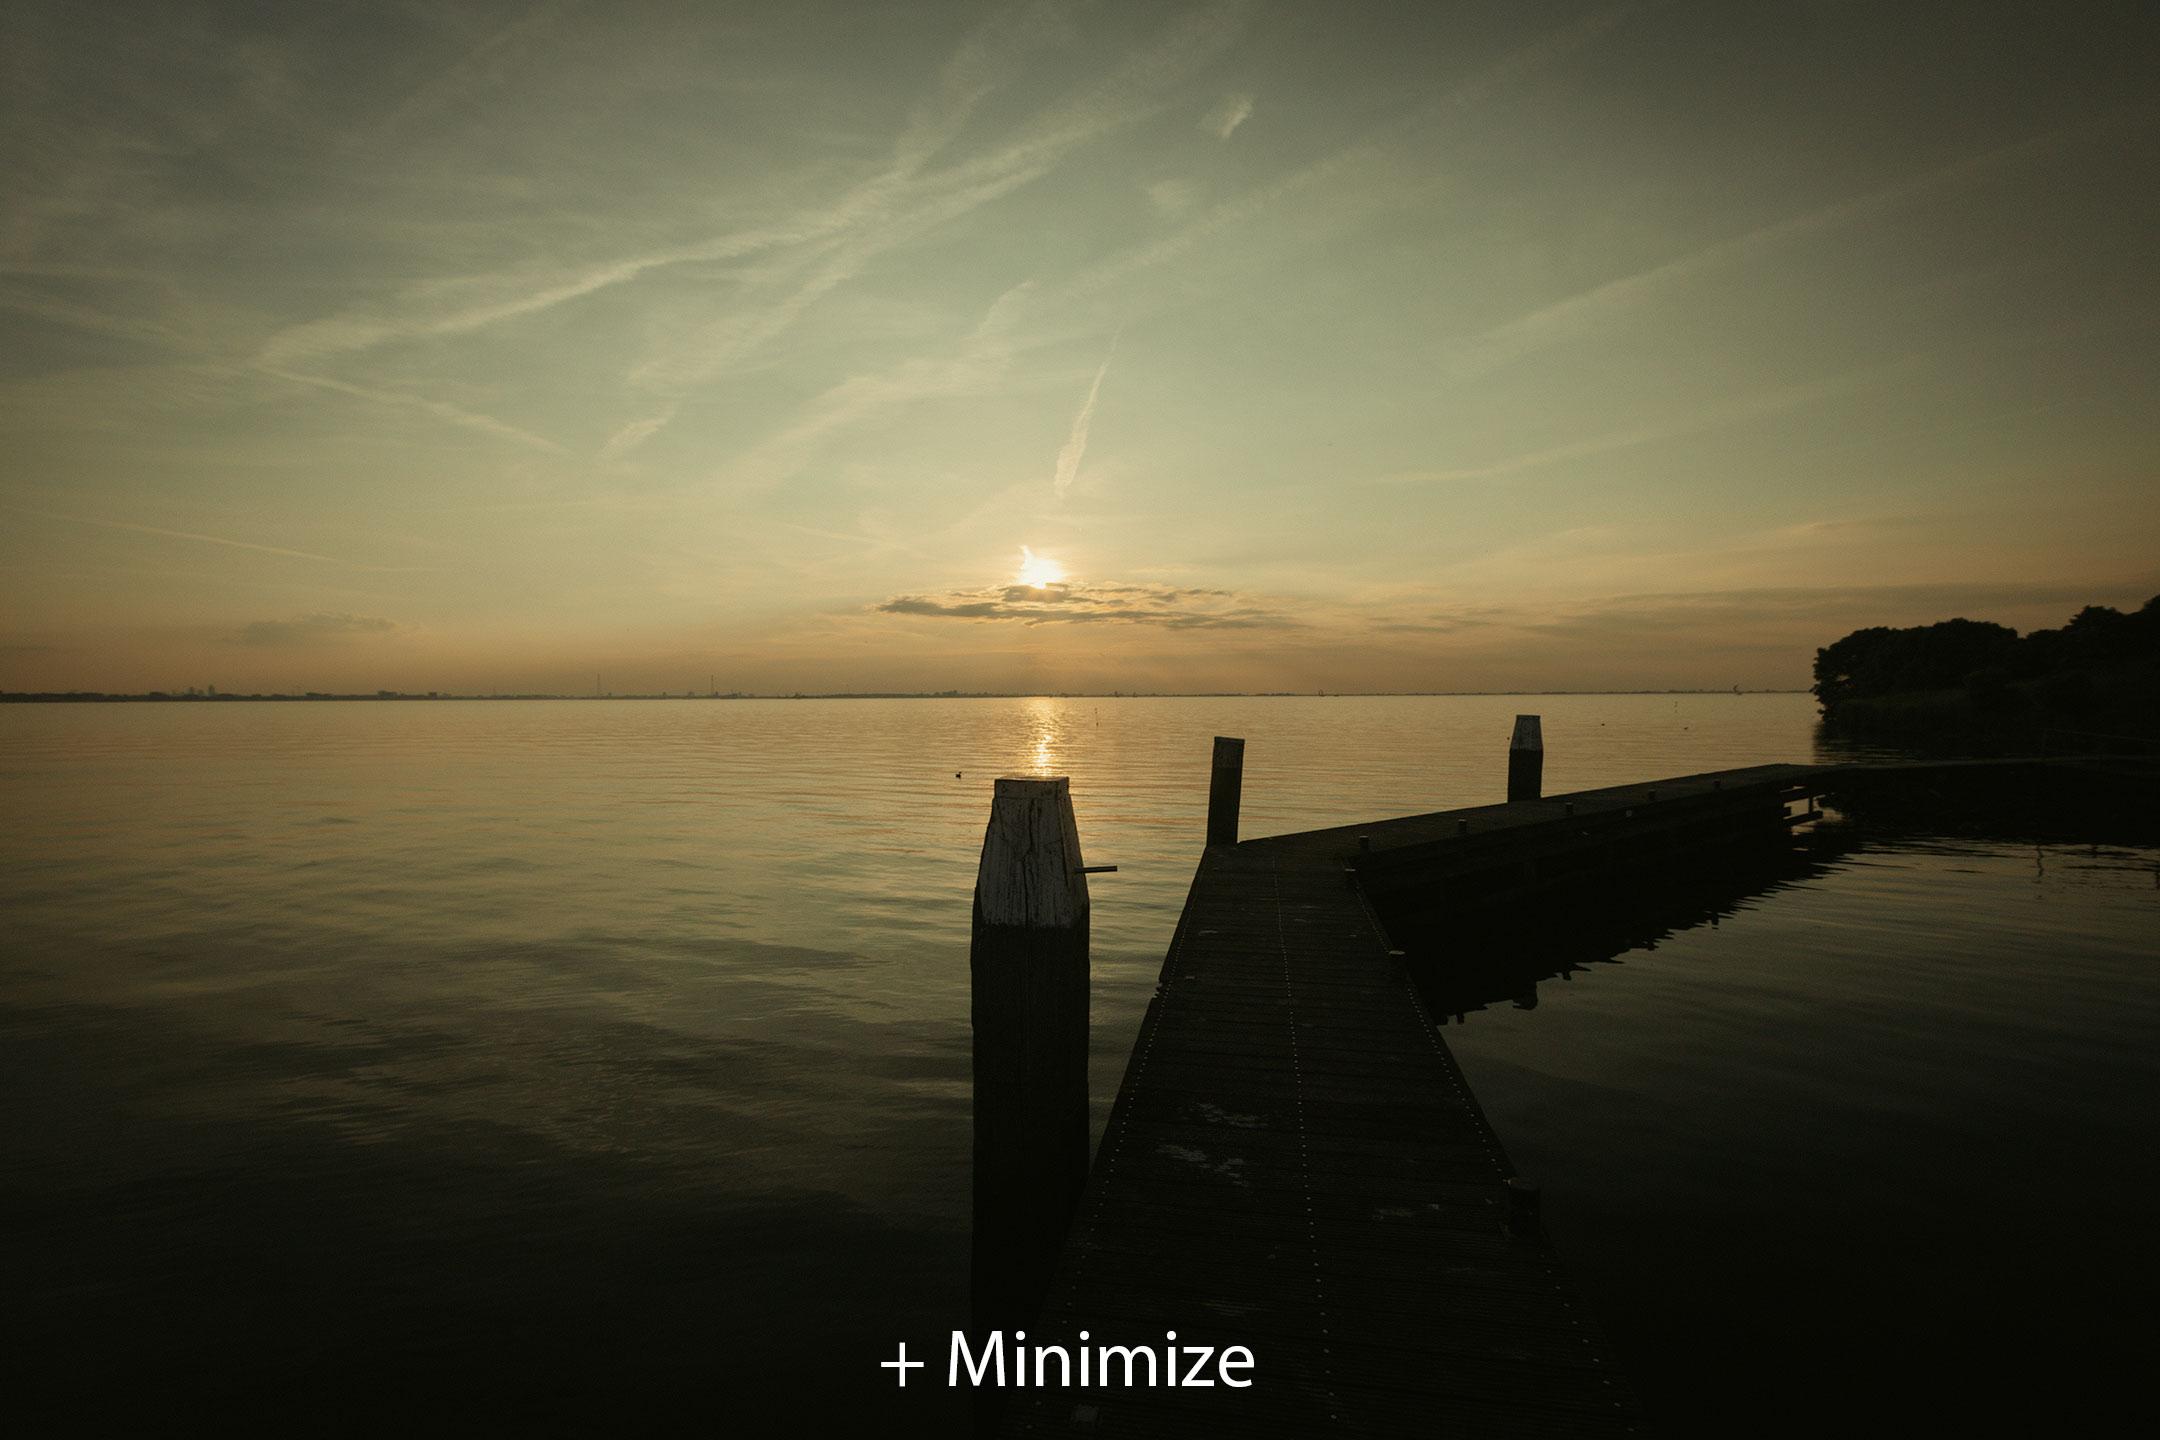 Mimimize 2.jpg